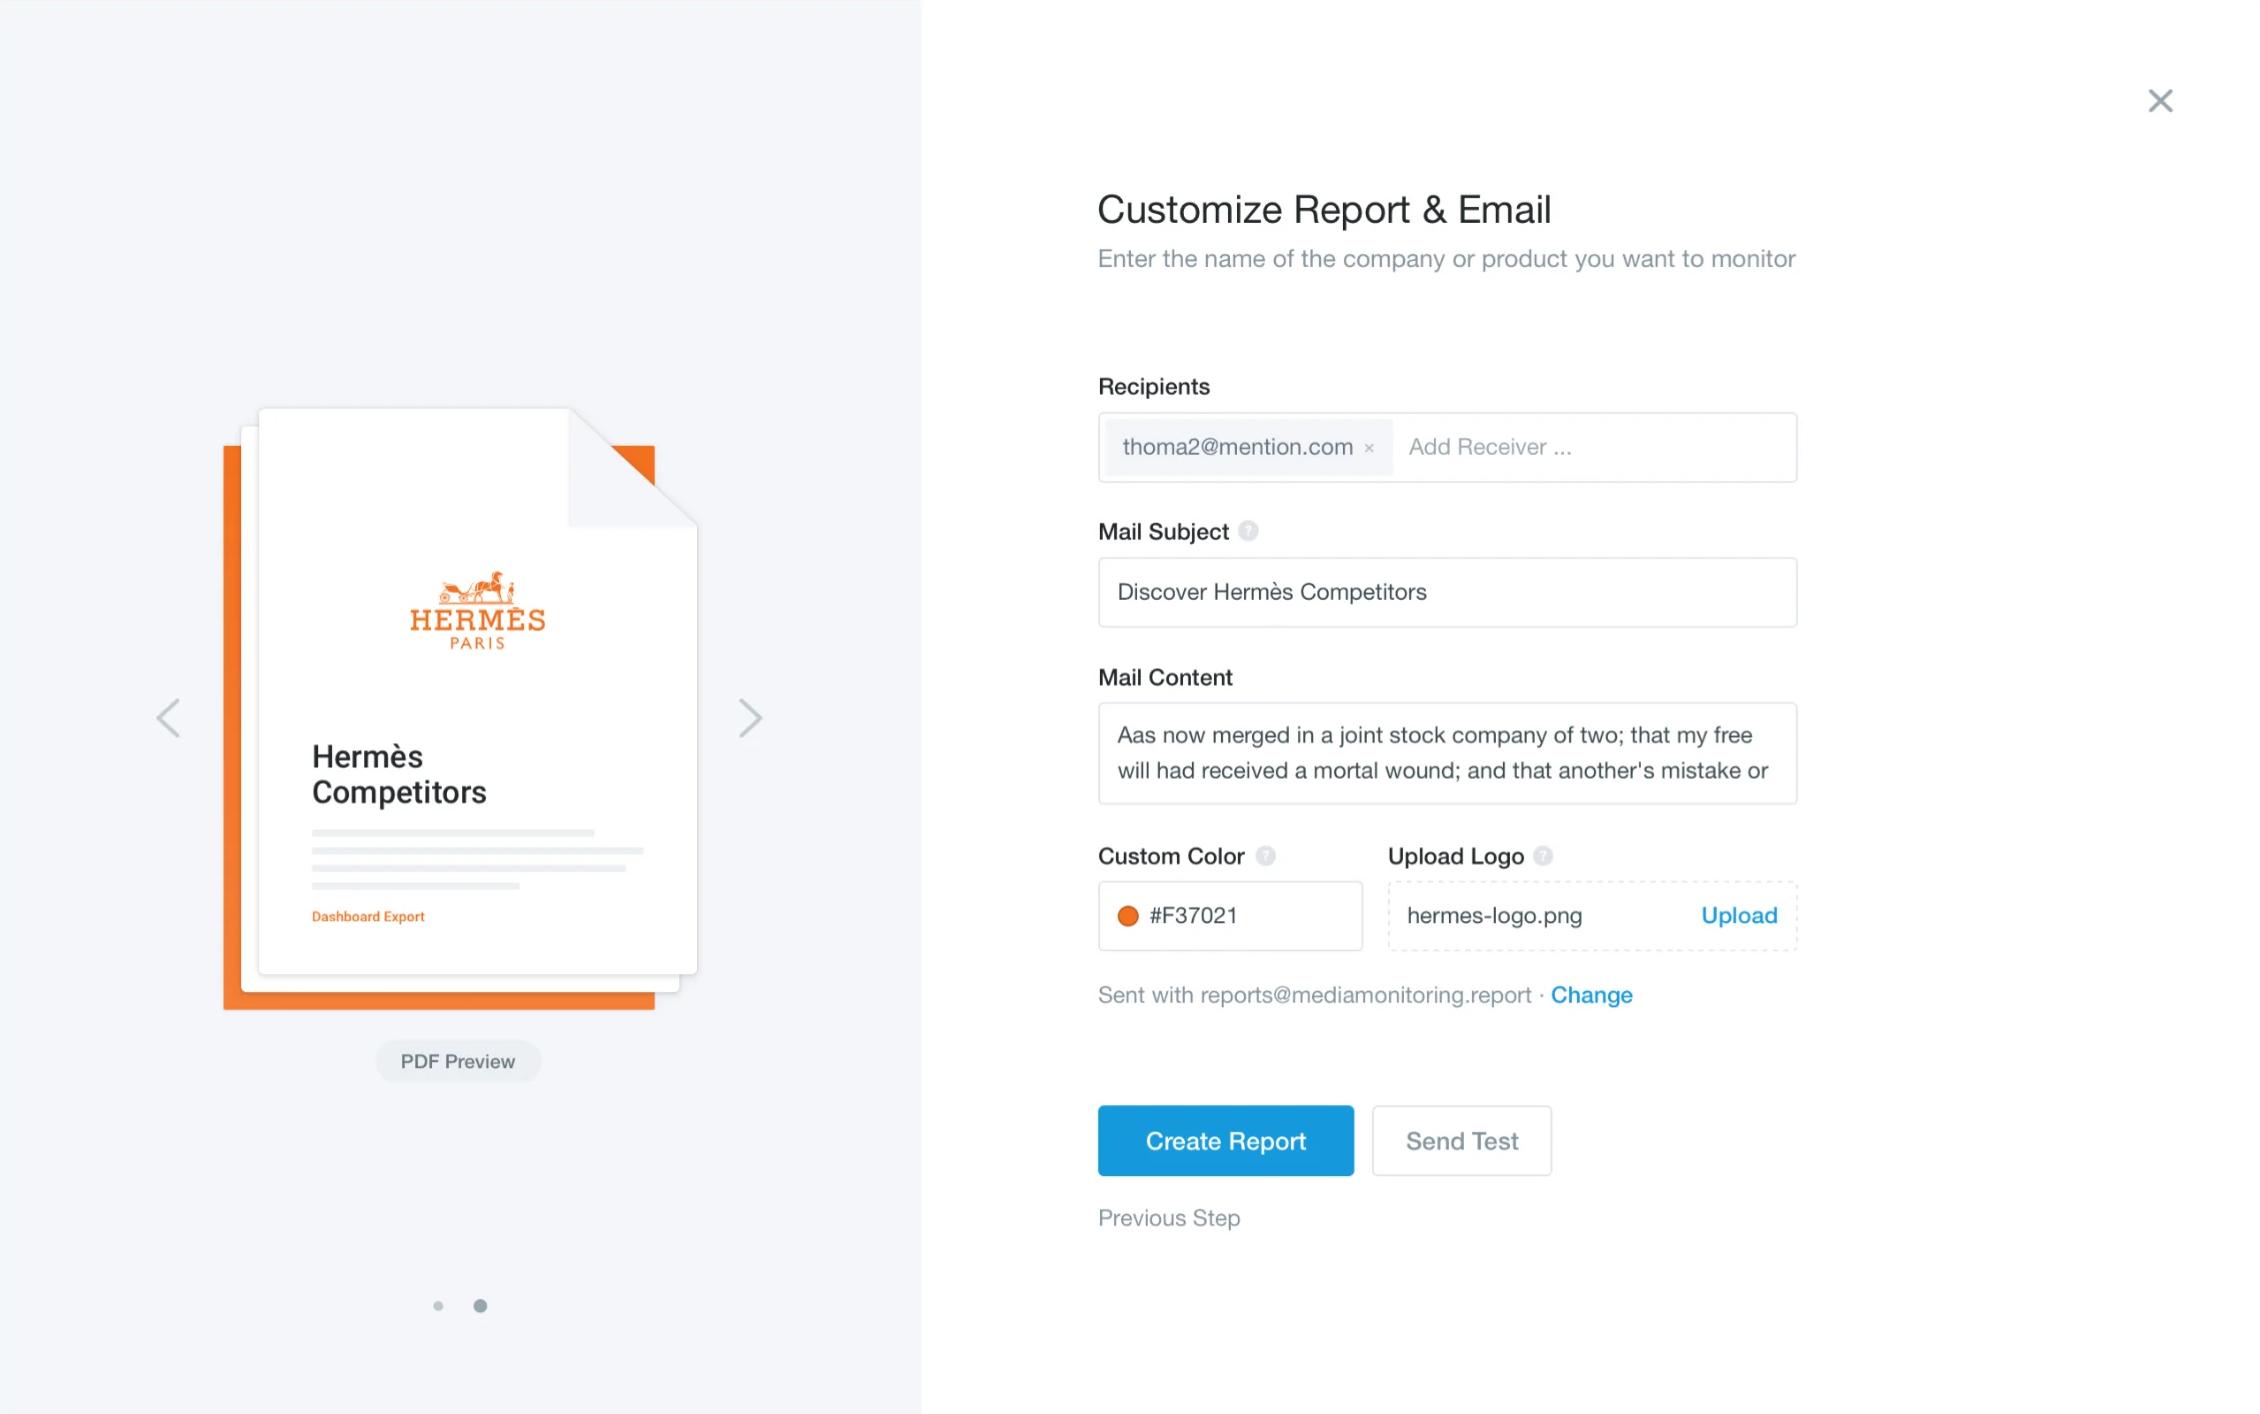 Подготовка аналитического отчёта в программном продукте для PR и интернет-маркетинга Mention